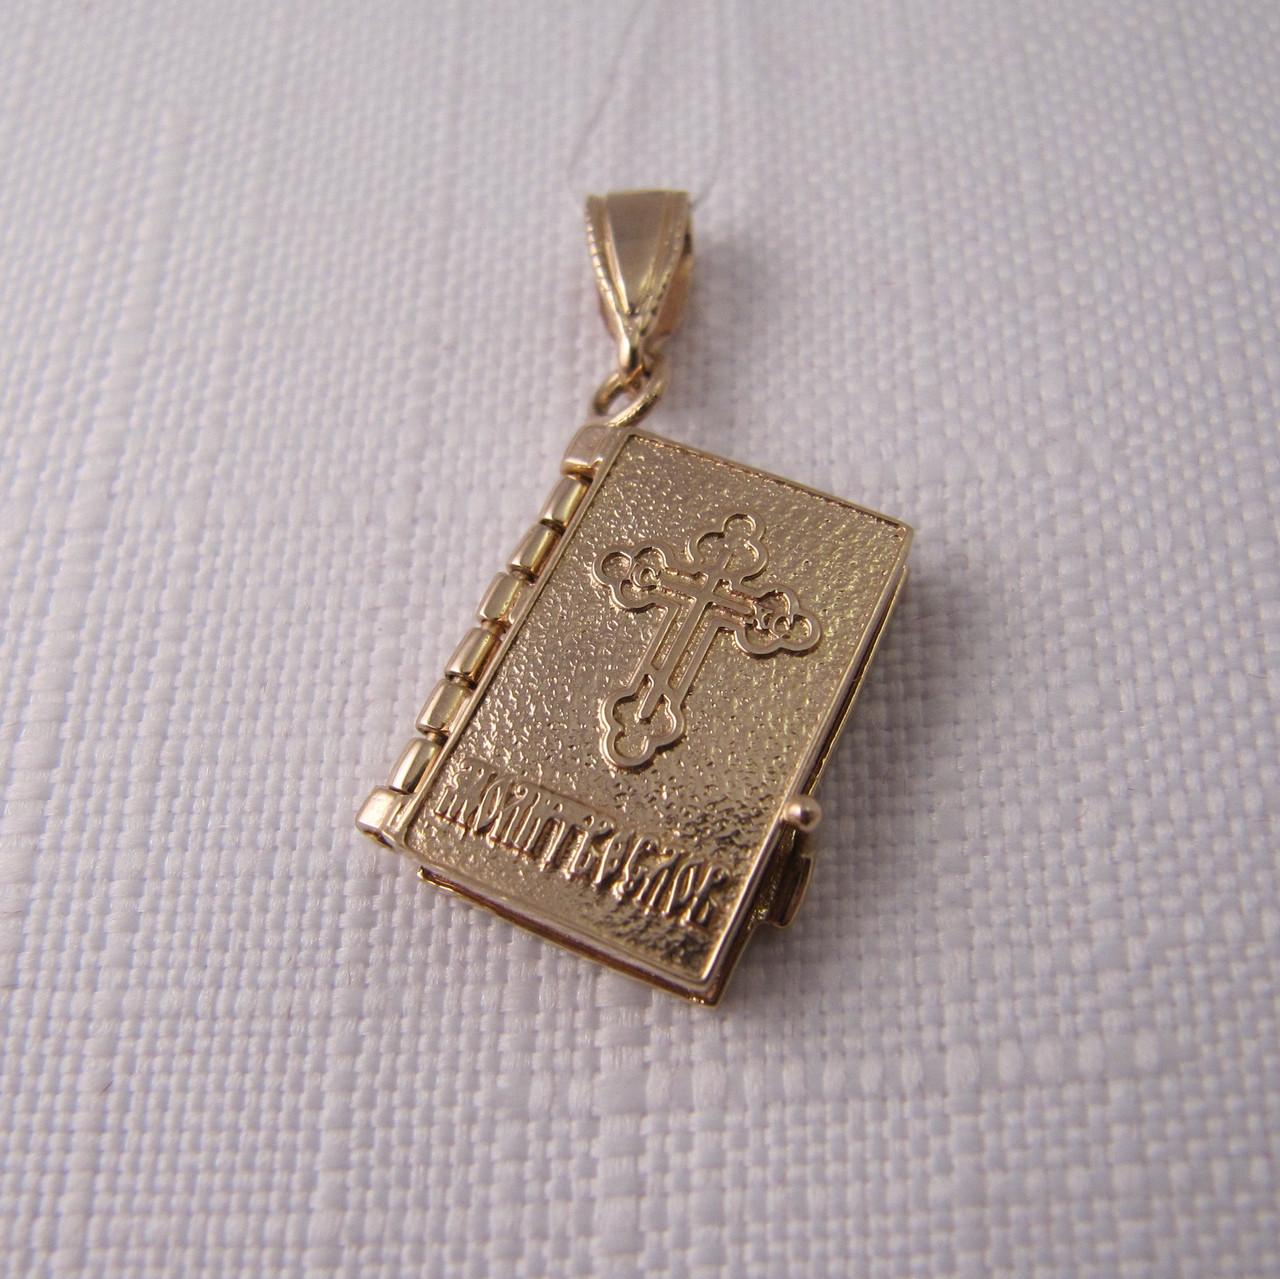 Купить Золотая подвеска Молитвослов ОТЧЕ НАШ в Киеве от компании